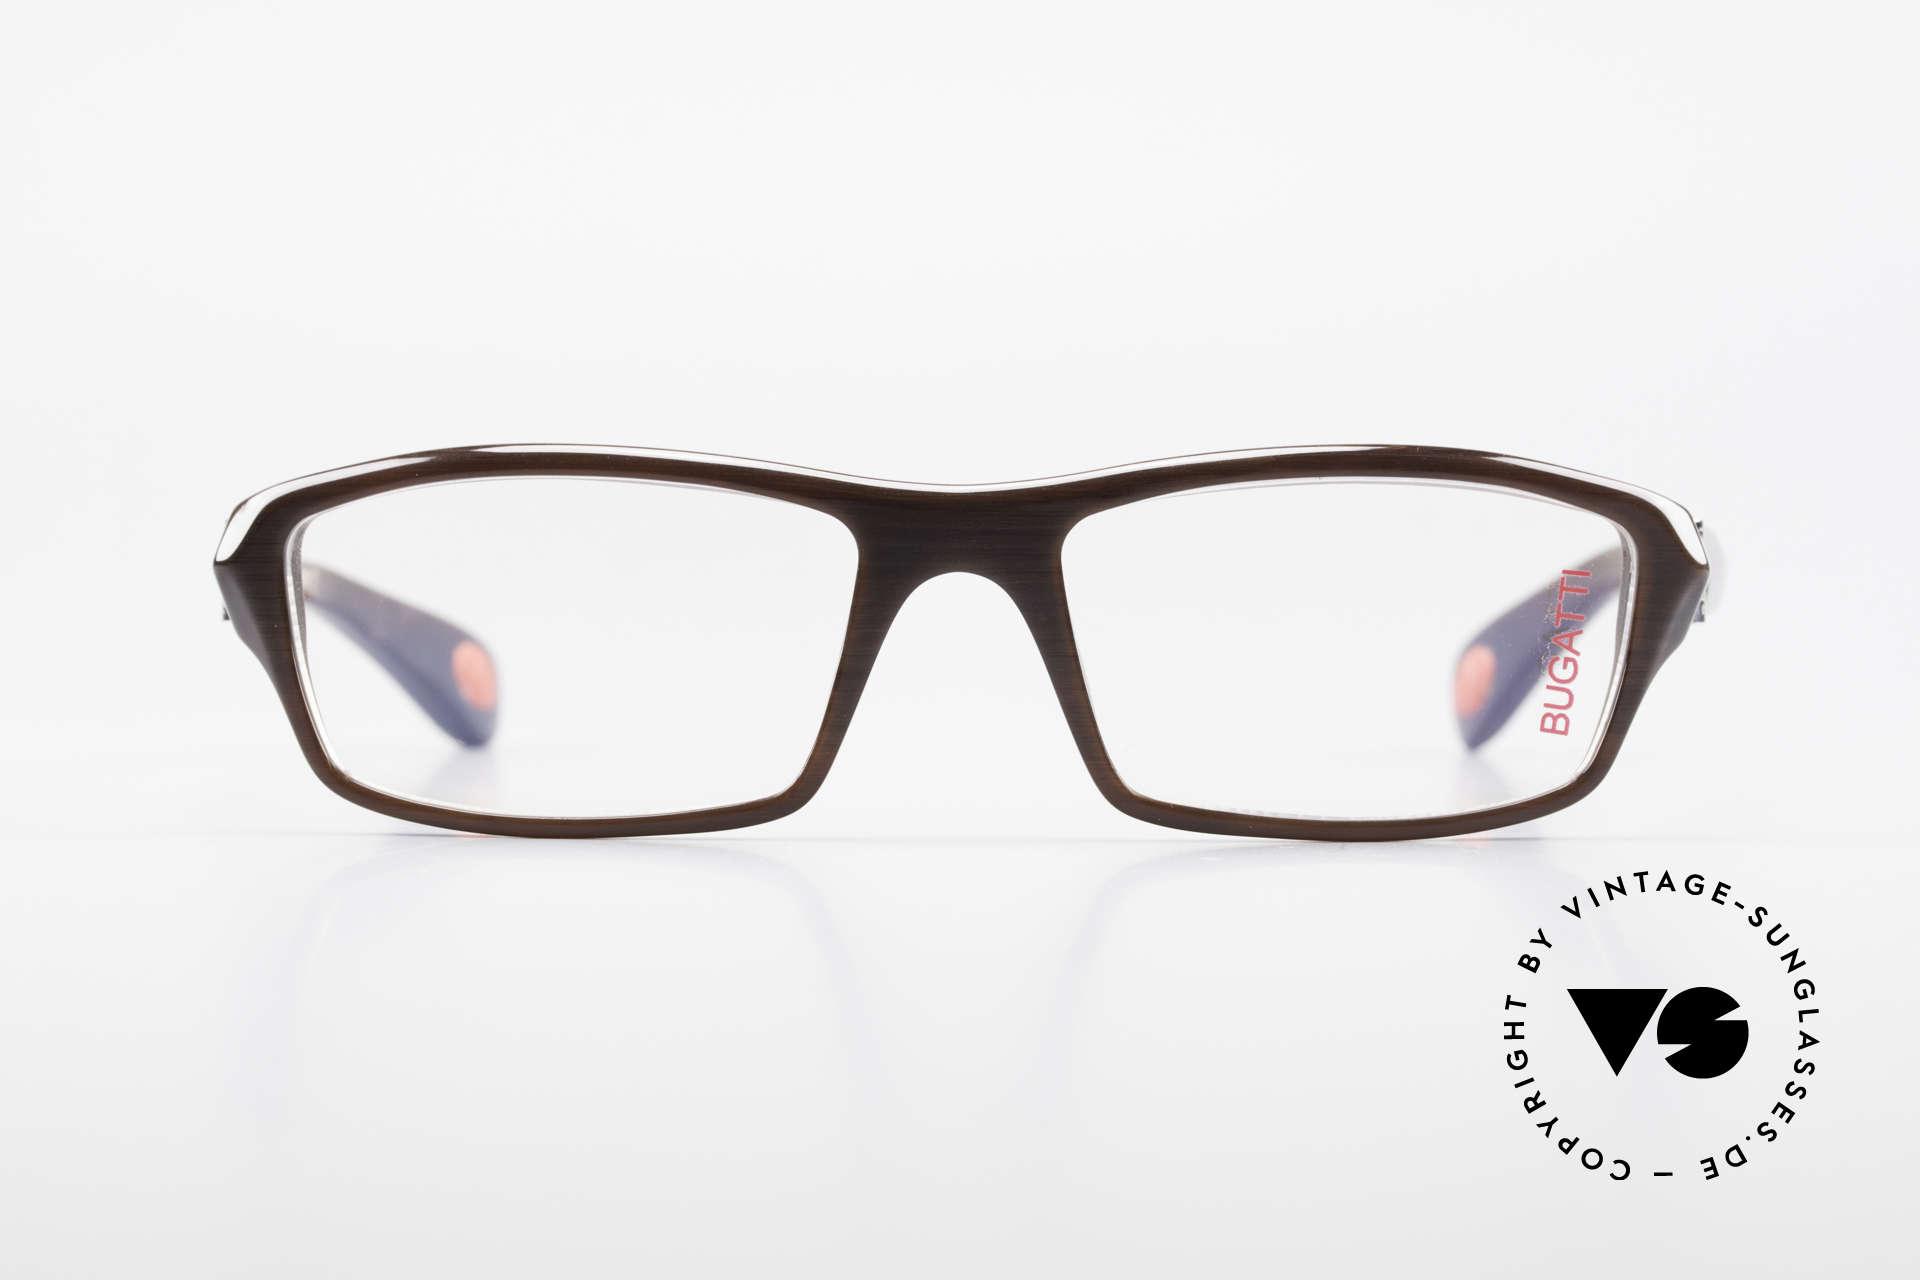 Bugatti 471 Vintage Designer Glasses Men, TOP-NOTCH quality of all frame components, Made for Men